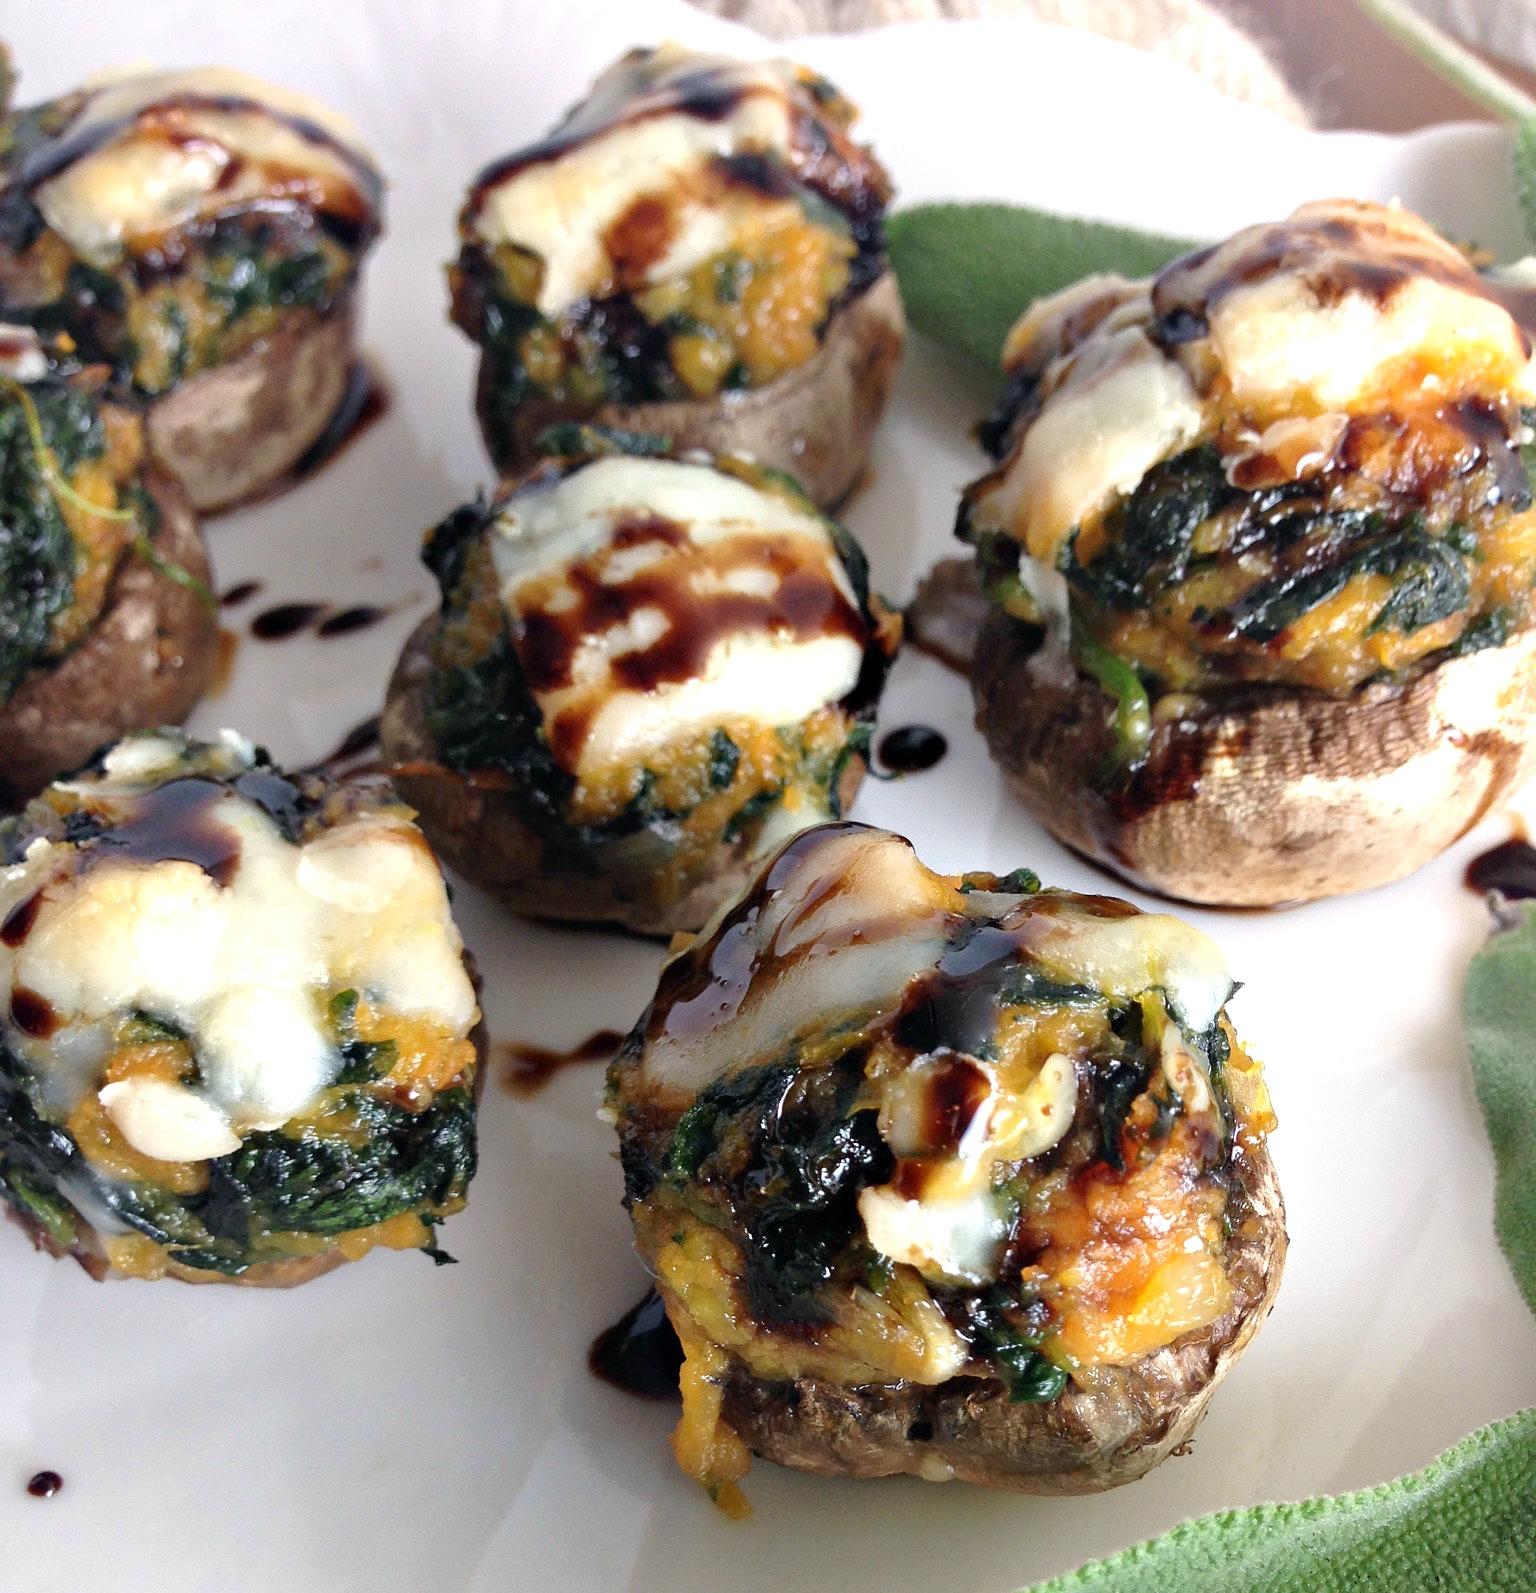 Asian stuffed mushroom recipe